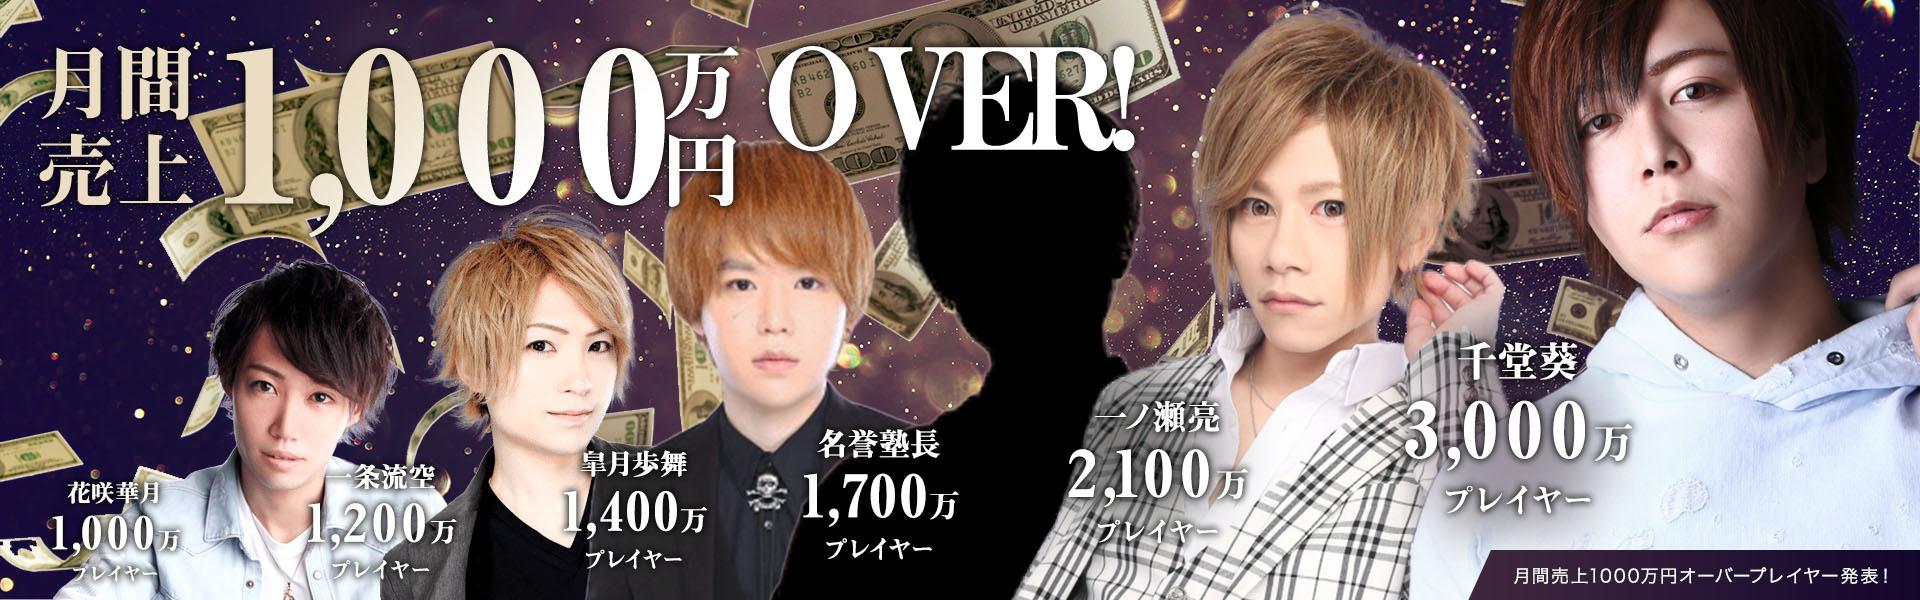 大阪男塾1,000万円超えプレイヤー多数